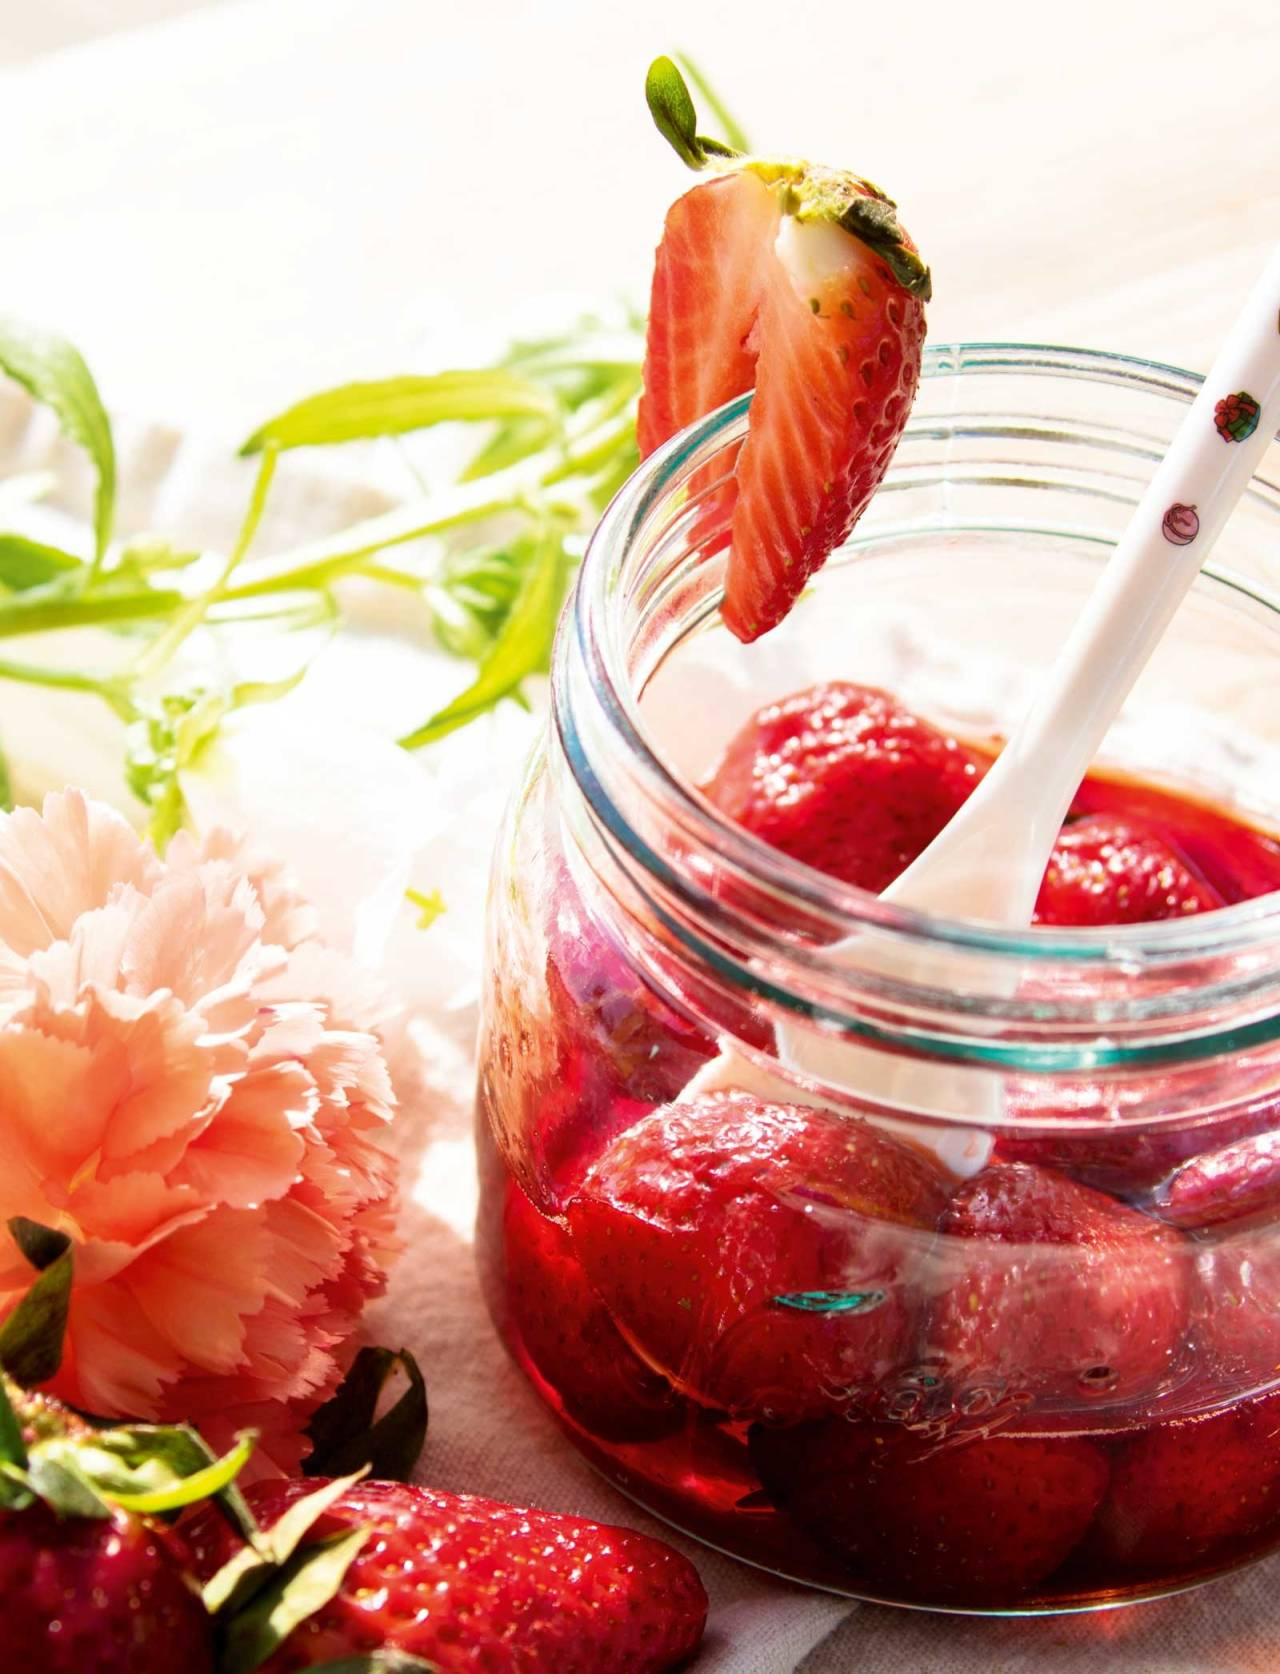 Uimotståleg: Med denne smarte metoden er jordbær noko du kan ha glede av sjølv om jordbærsesongen er kort. Foto: Sigrid Henjum